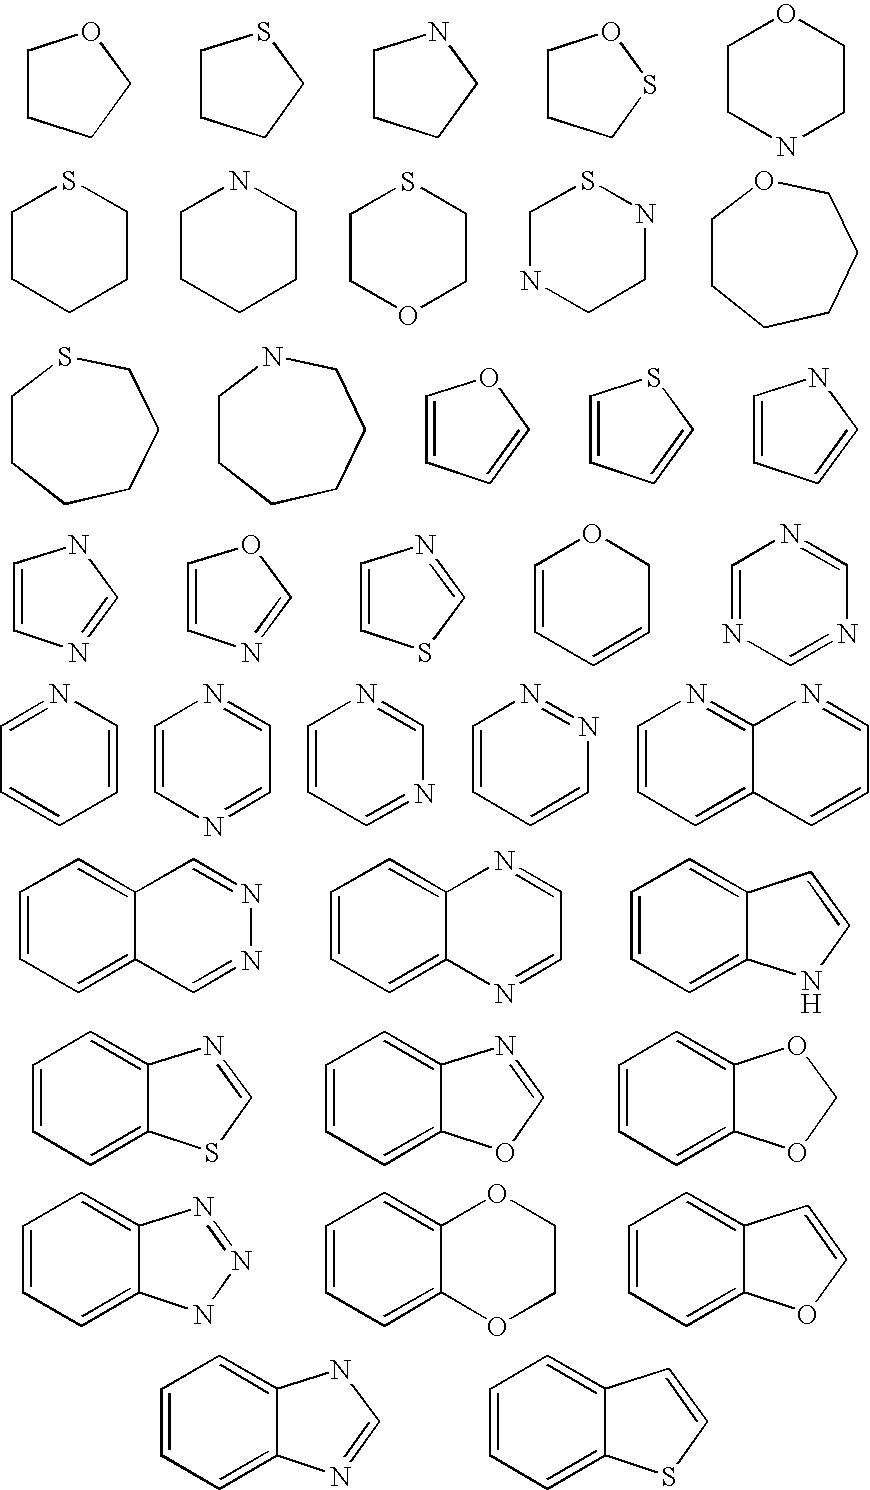 Figure US07253169-20070807-C00011